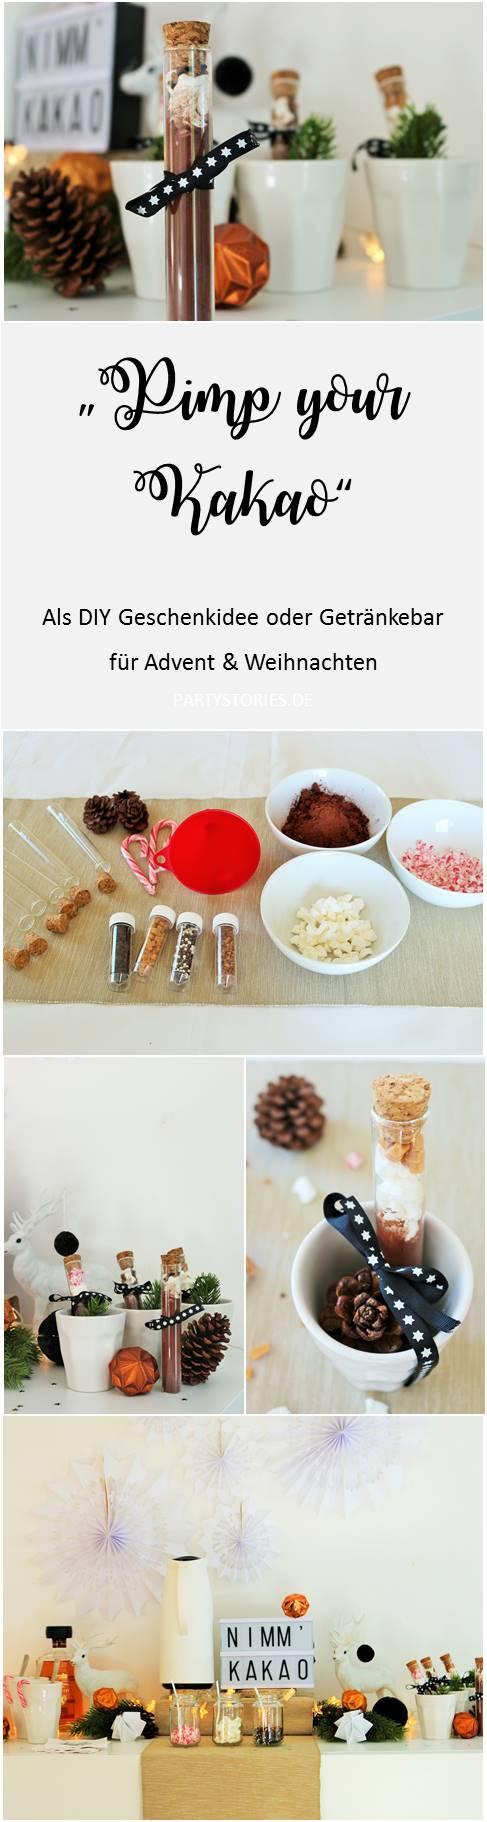 Bild: last-minute Weihnachtsgeschenk zum selber machen: gepimpter Kakao im Glas, auch als Idee für die Weihnachtsparty, gefunden auf Partystories.de